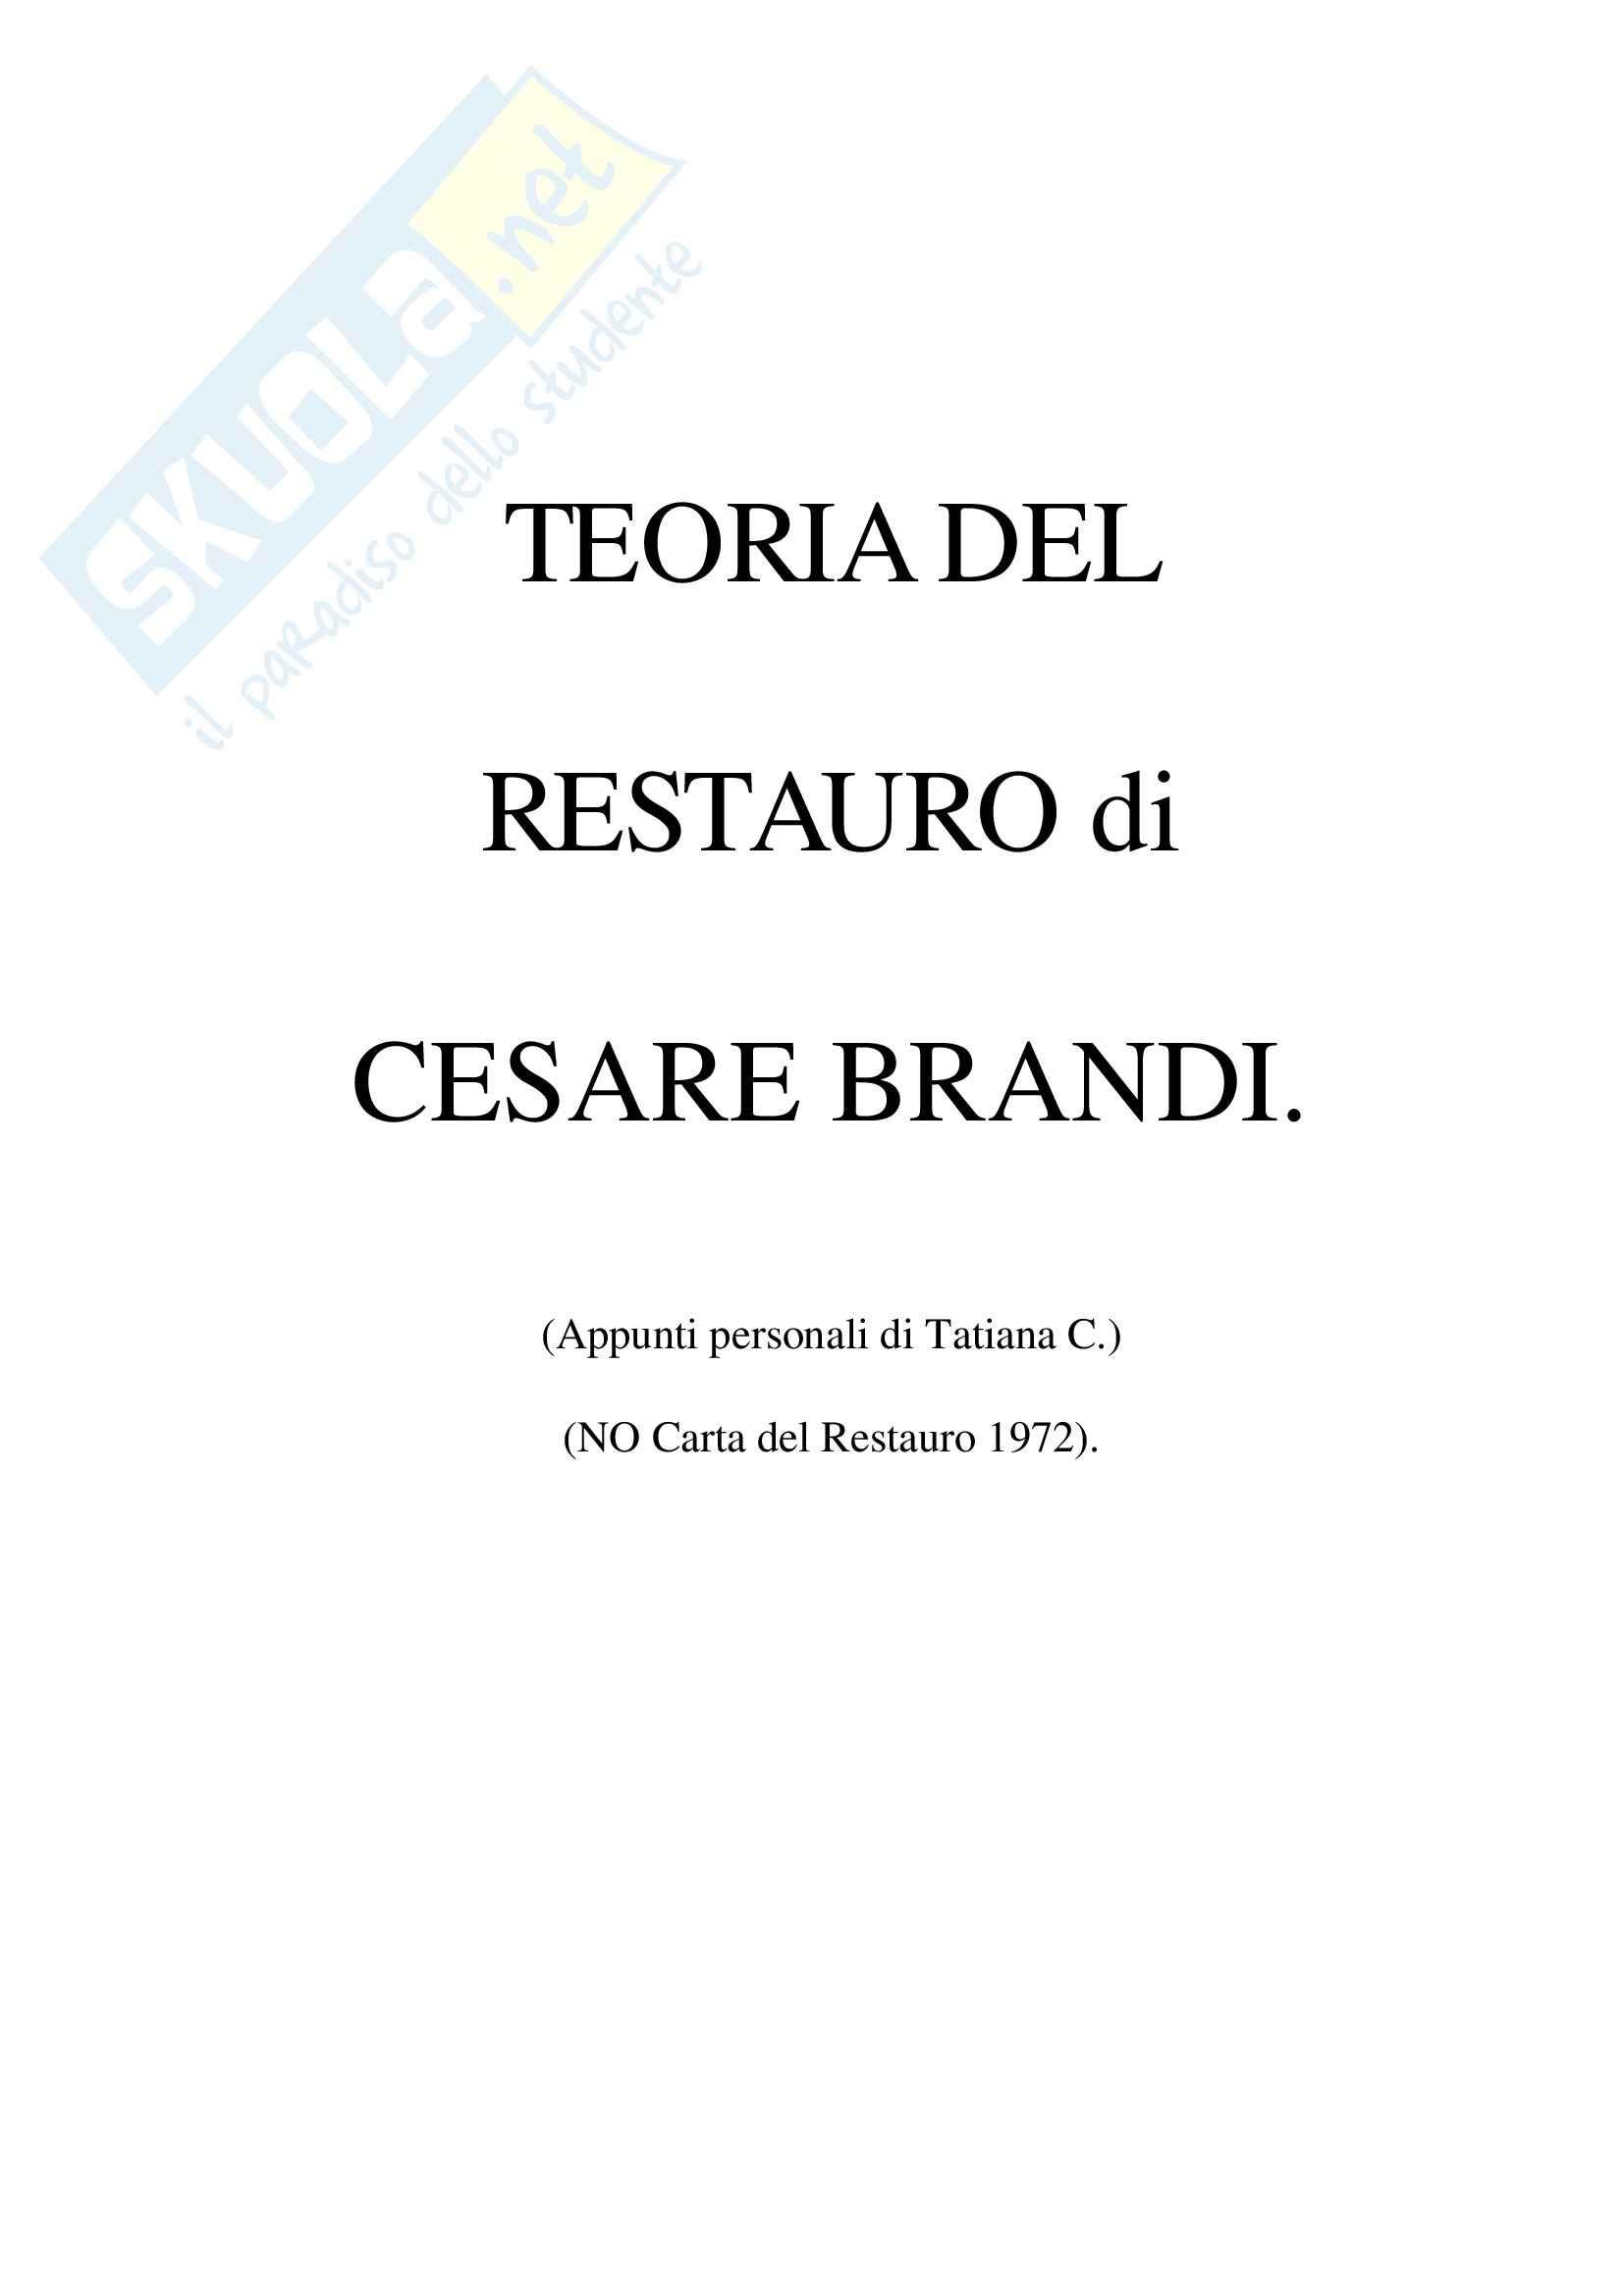 Riassunto esame Teoria e Storia del Restauro, prof. Salerno, libro consigliato Teoria del Restauro, Brandi: prima parte